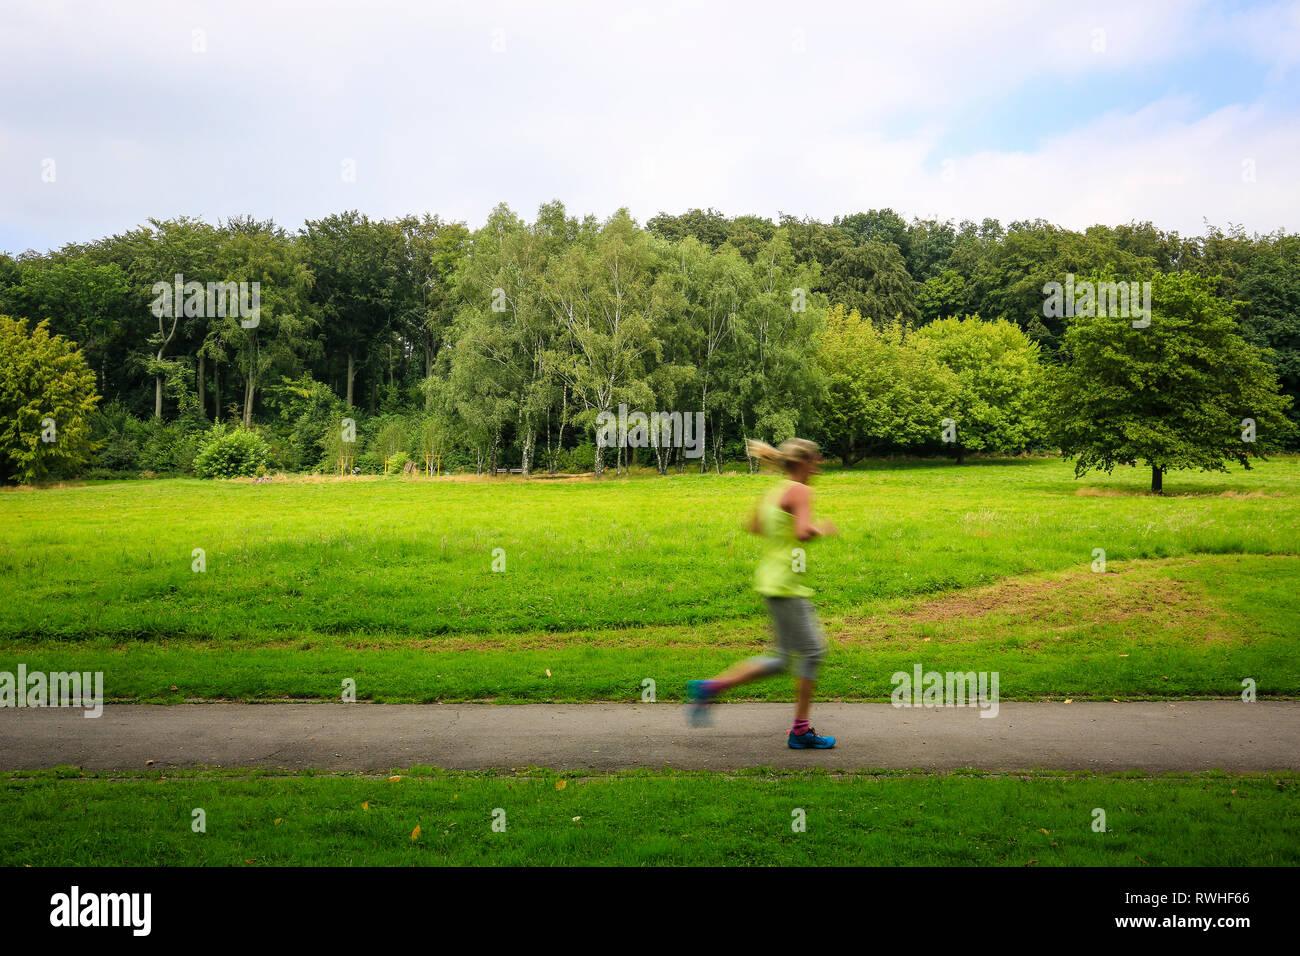 Essen, Nordrhein-Westfalen, Ruhrgebiet, Deutschland - Das Hallopark zwischen Stoppenberg und Schonnebeck ist einer der ältesten Parks in Essen, Jogge Stockbild